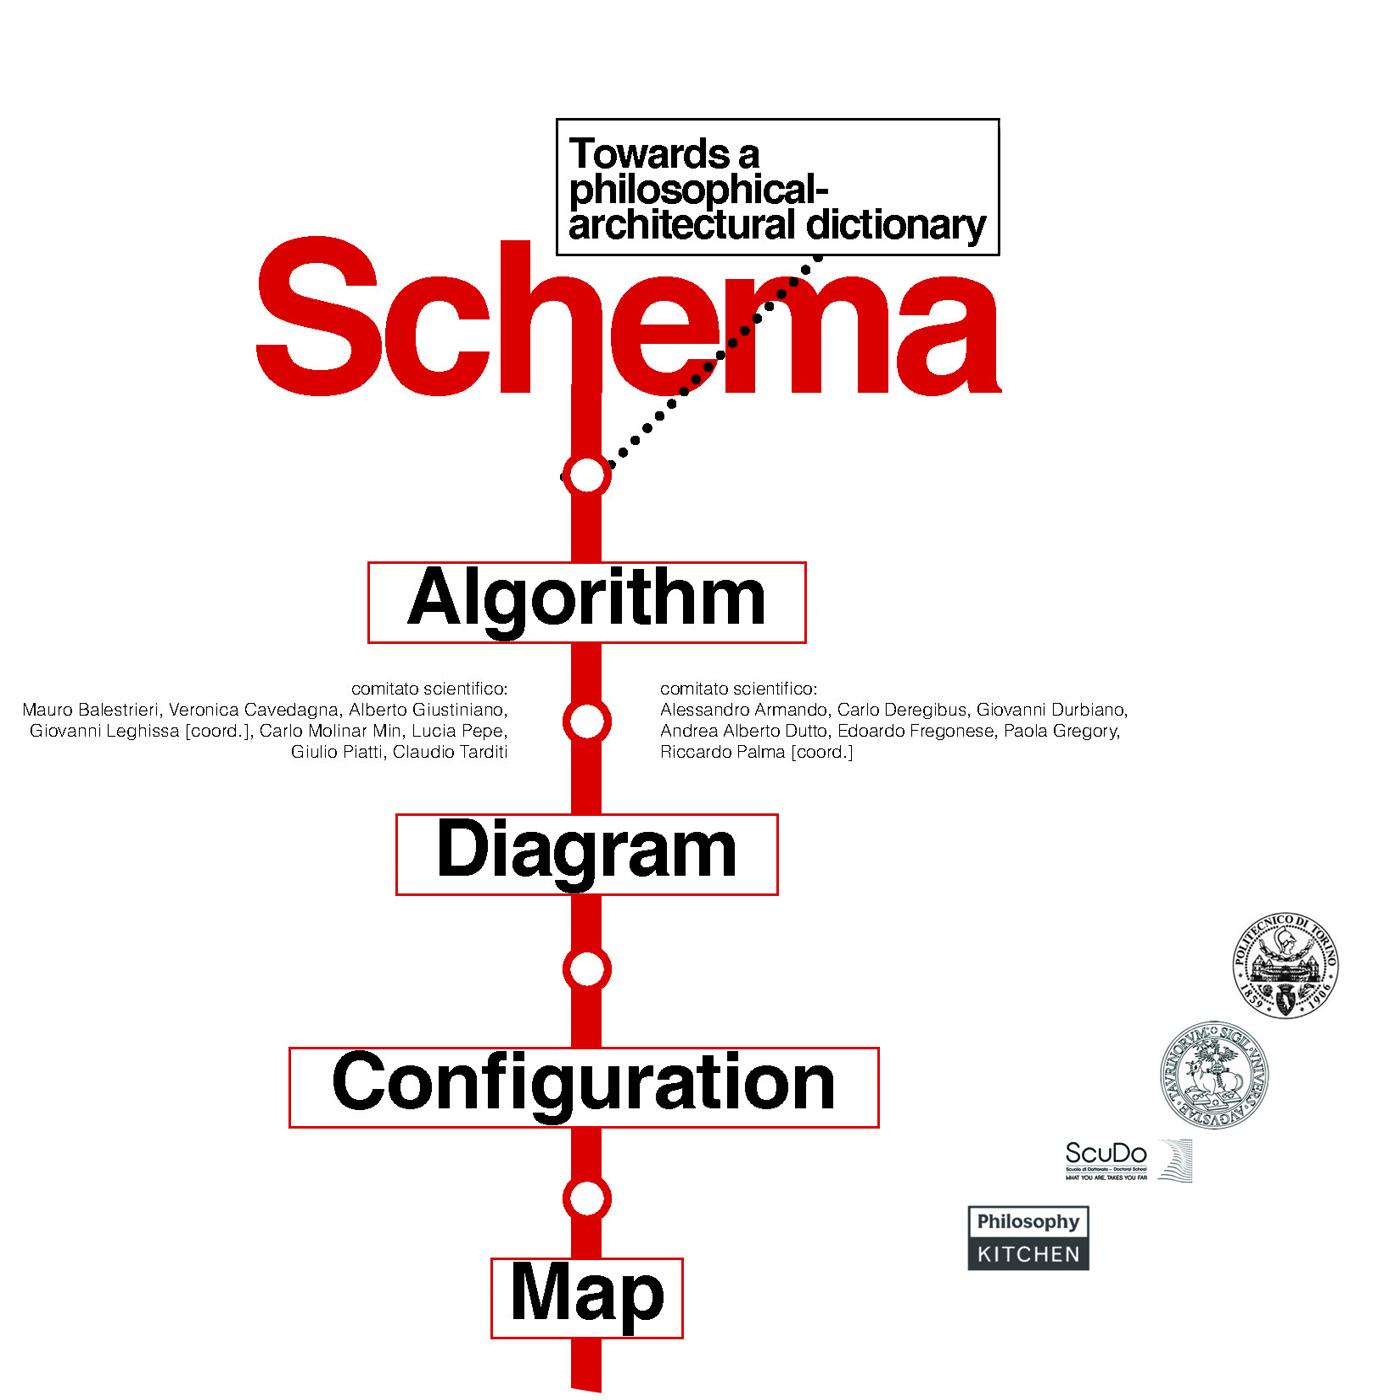 SCHEMA. Verso un dizionario filosofico-architettonico